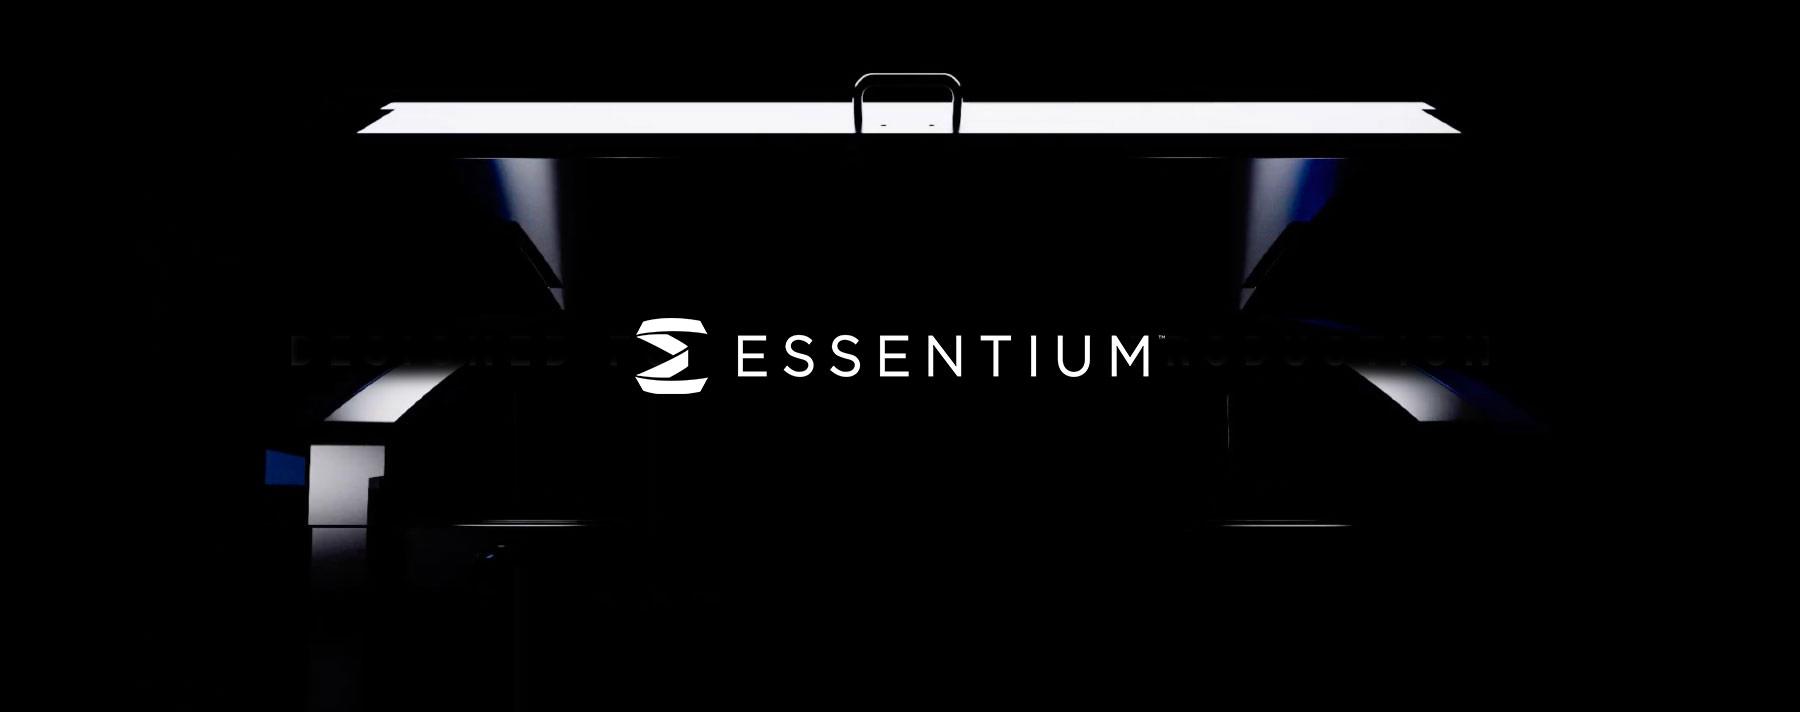 Essentium-About-Header